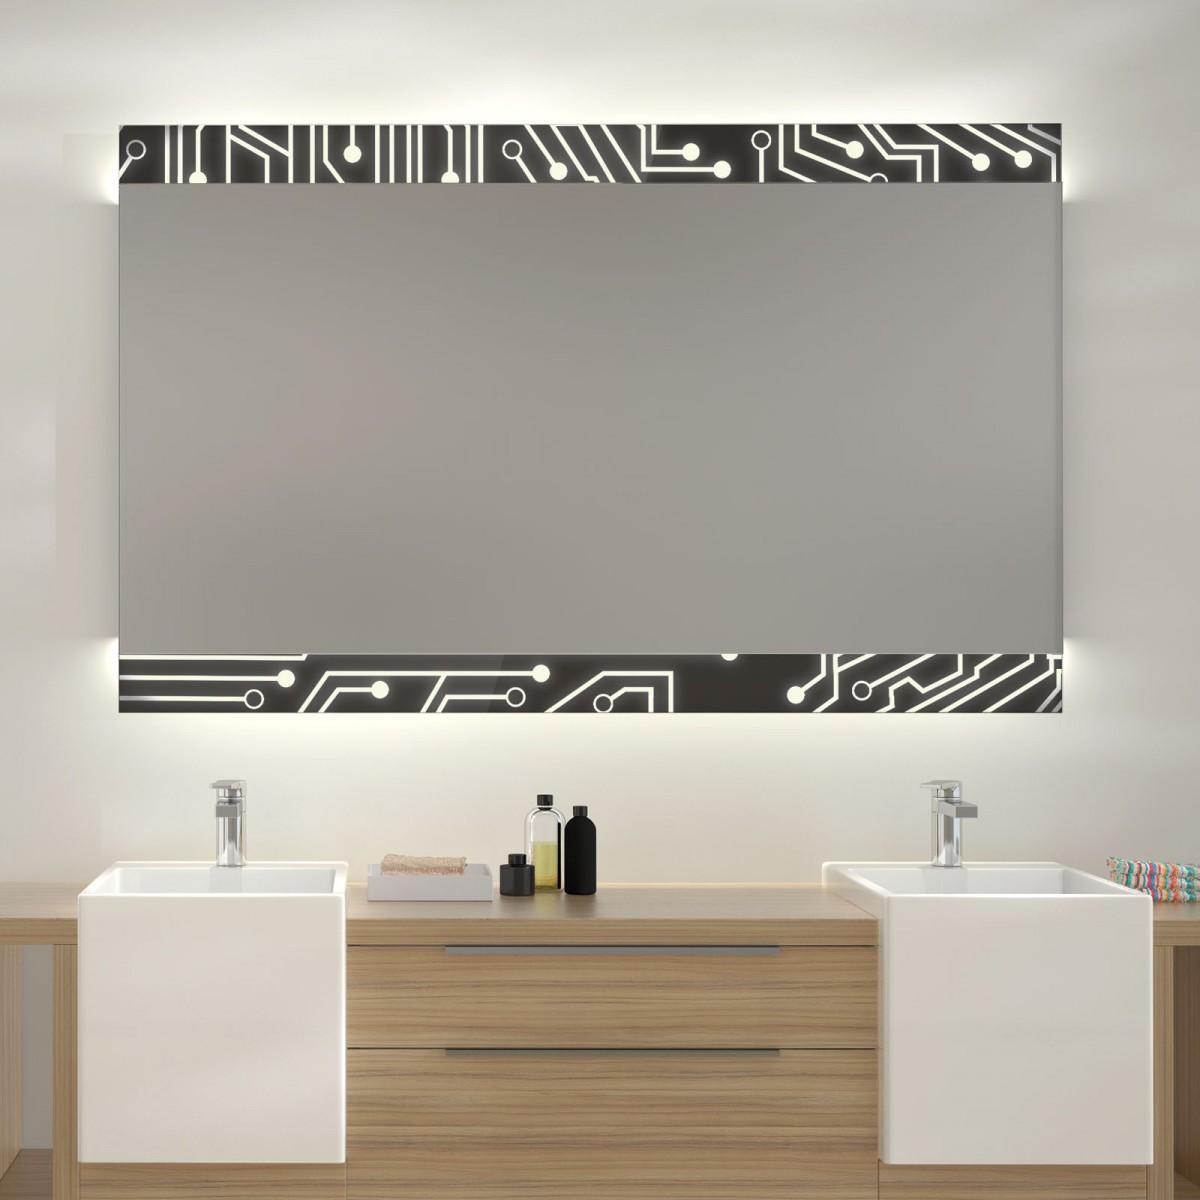 Glas auf Glas Spiegel mit Motiv Electric